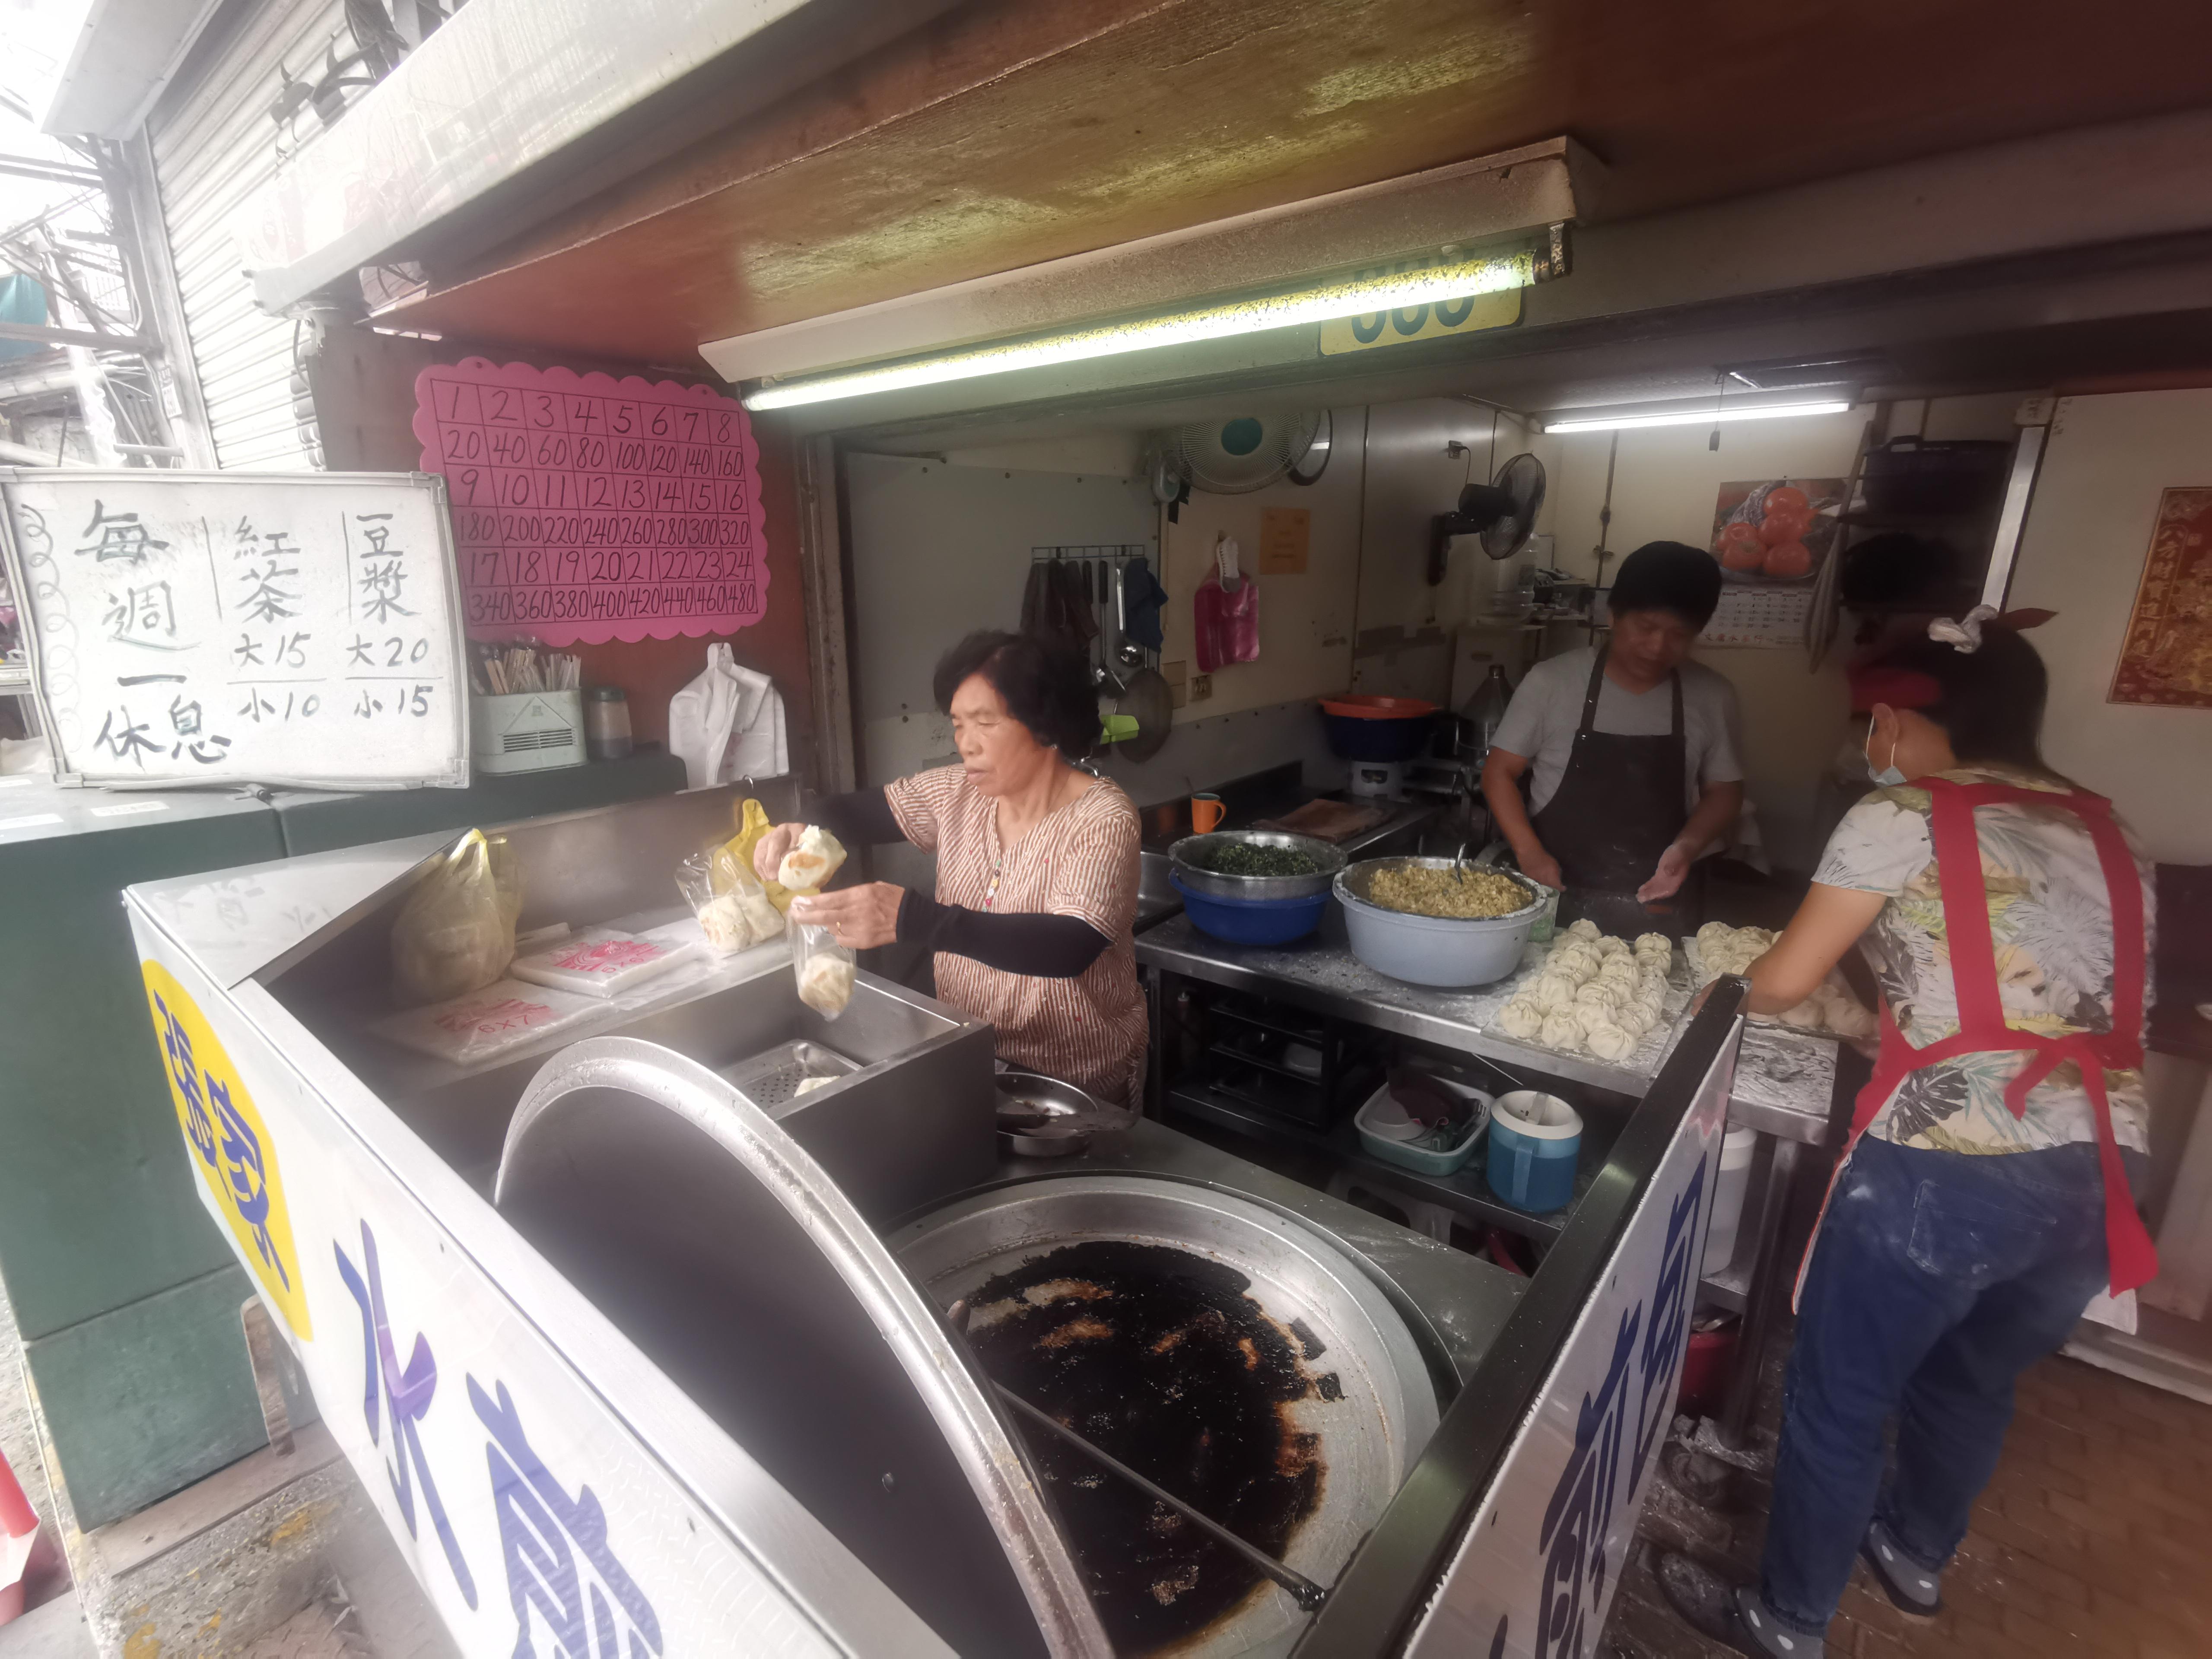 [花蓮早餐]張家水煎包-花蓮排隊水煎包 早餐時間天天爆滿  連婆婆媽媽都受不了好吃水煎包